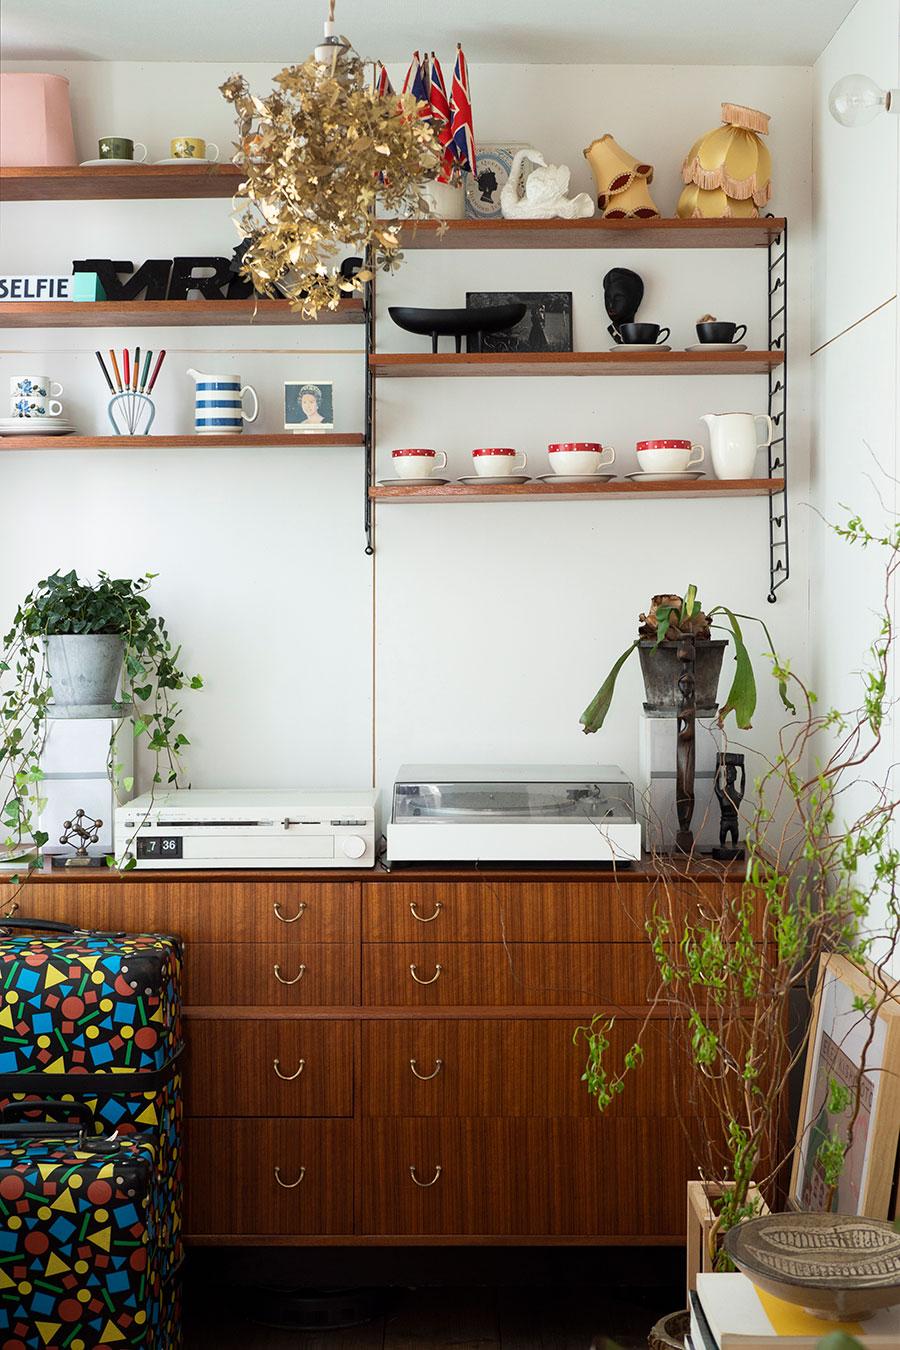 オランダのガーランドランプが印象的。妻のコレクションである50〜70年代のイギリスのヴィンテージの器を並べて。